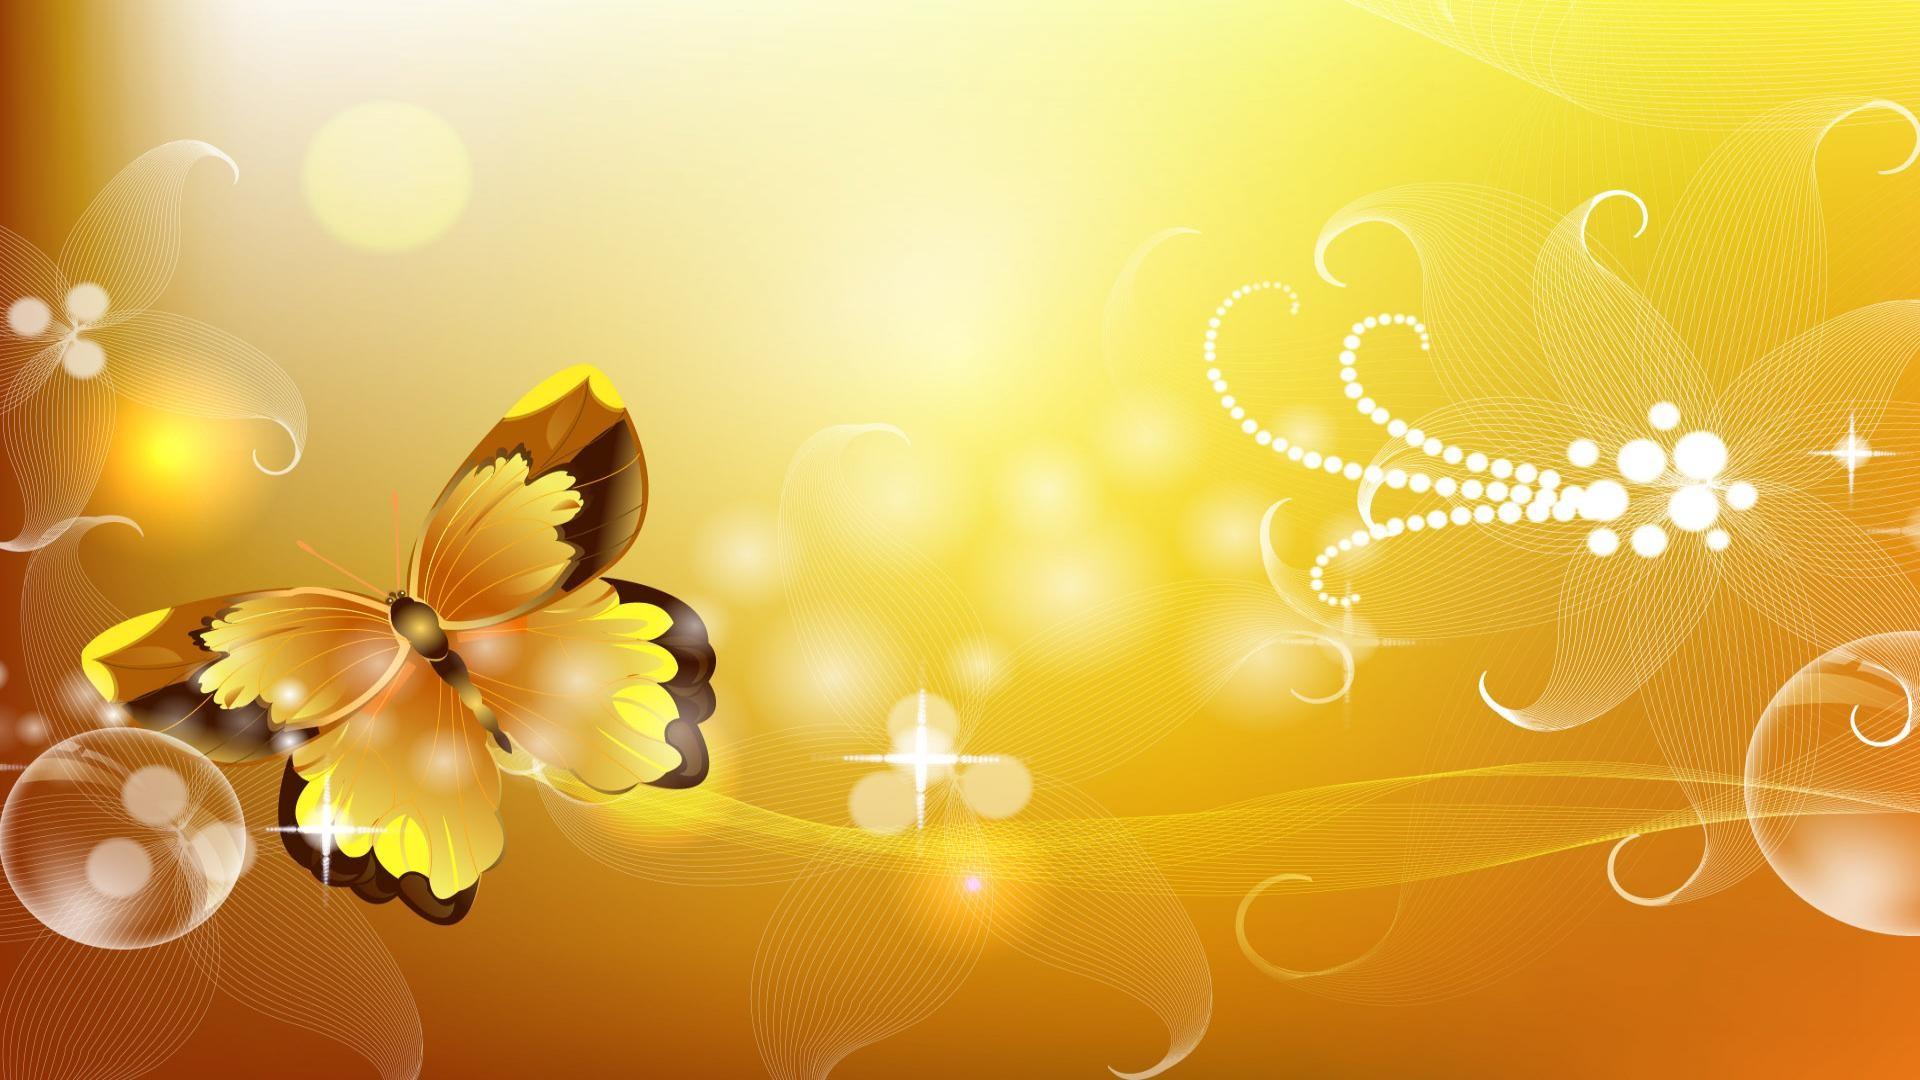 Yellow Desktop Backgrounds